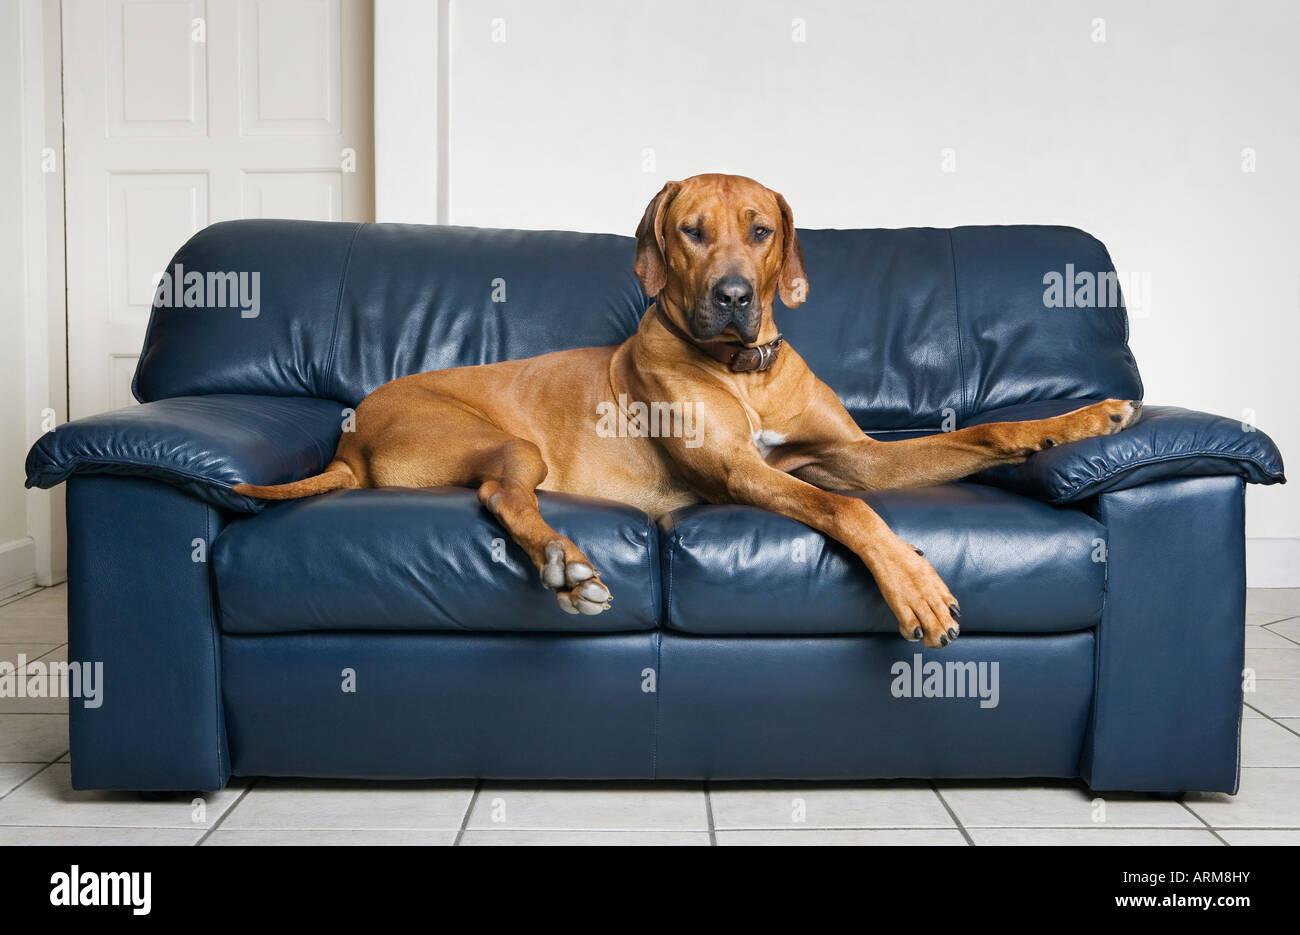 Cresta rhodesiano indietro cane sdraiato sul divano Immagini Stock